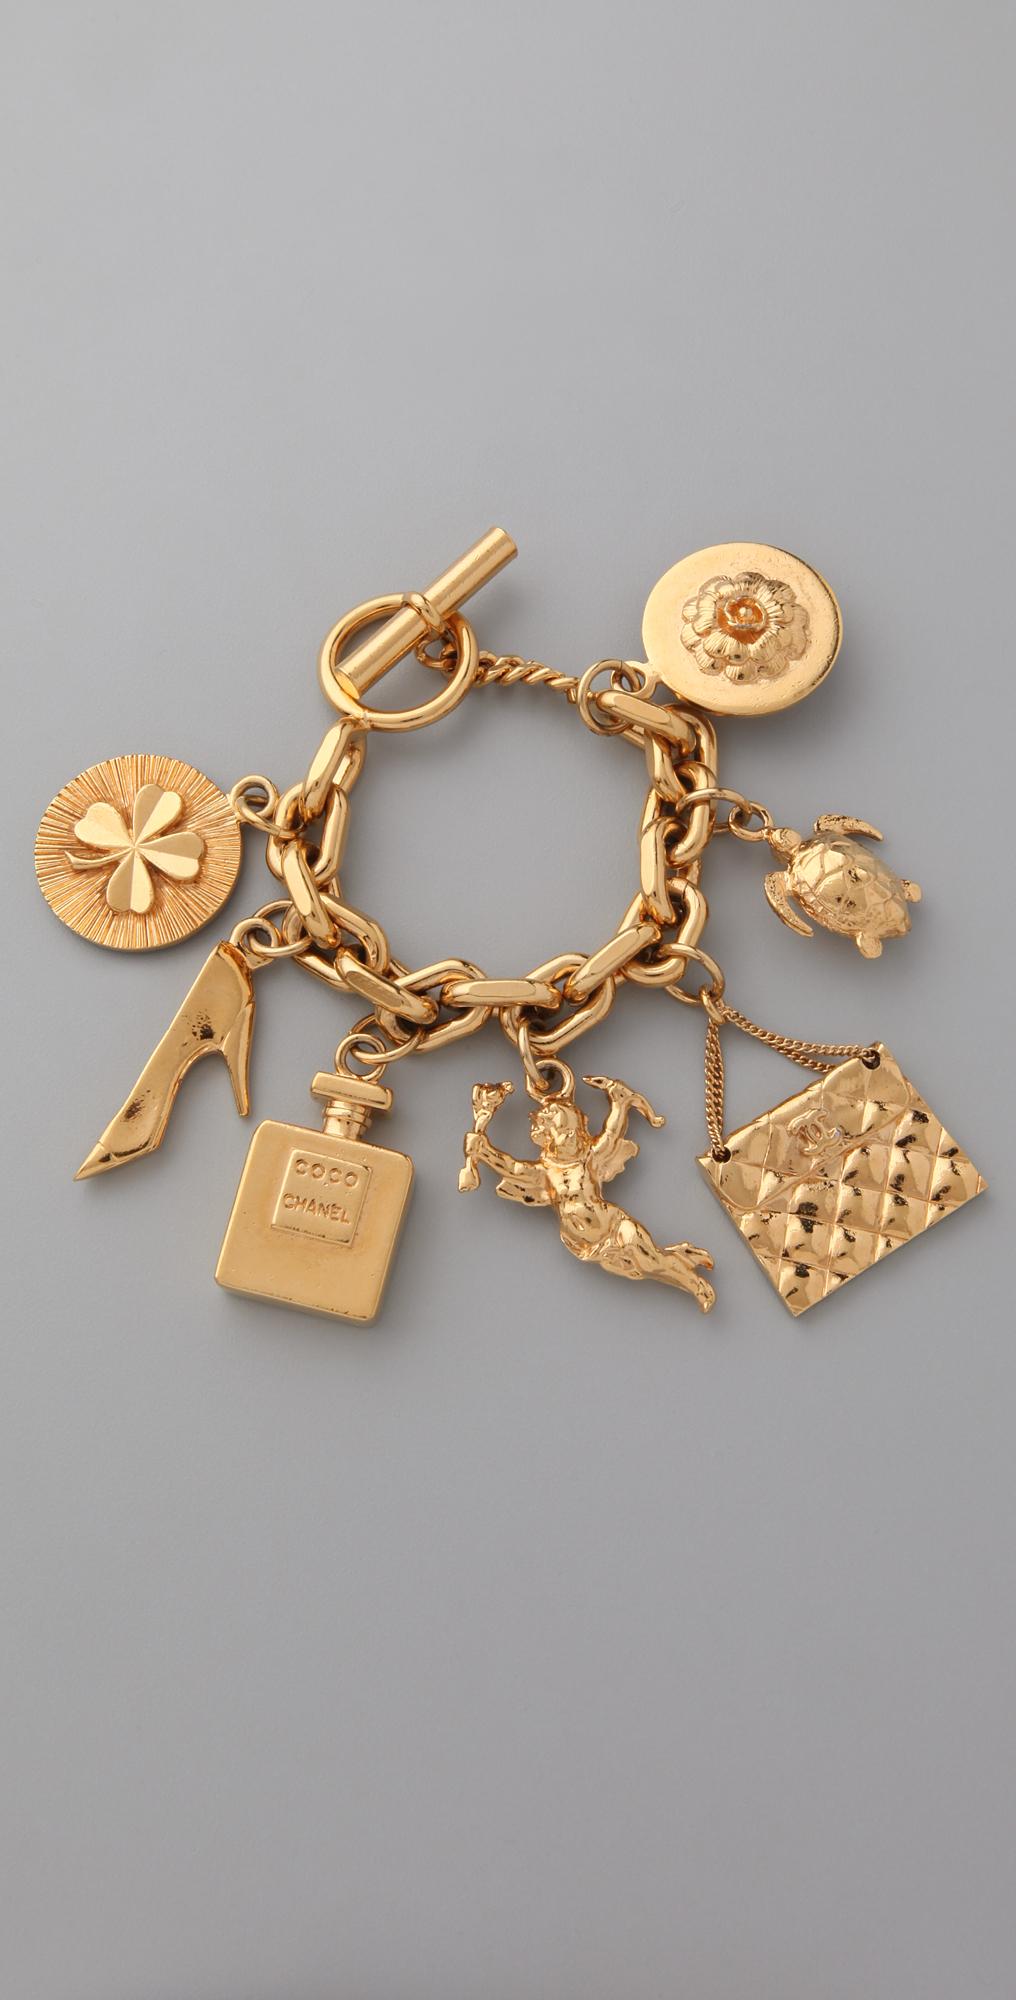 c1bfb12c70d7 WGACA Vintage Vintage Chanel '80s Charm Bracelet on PopScreen